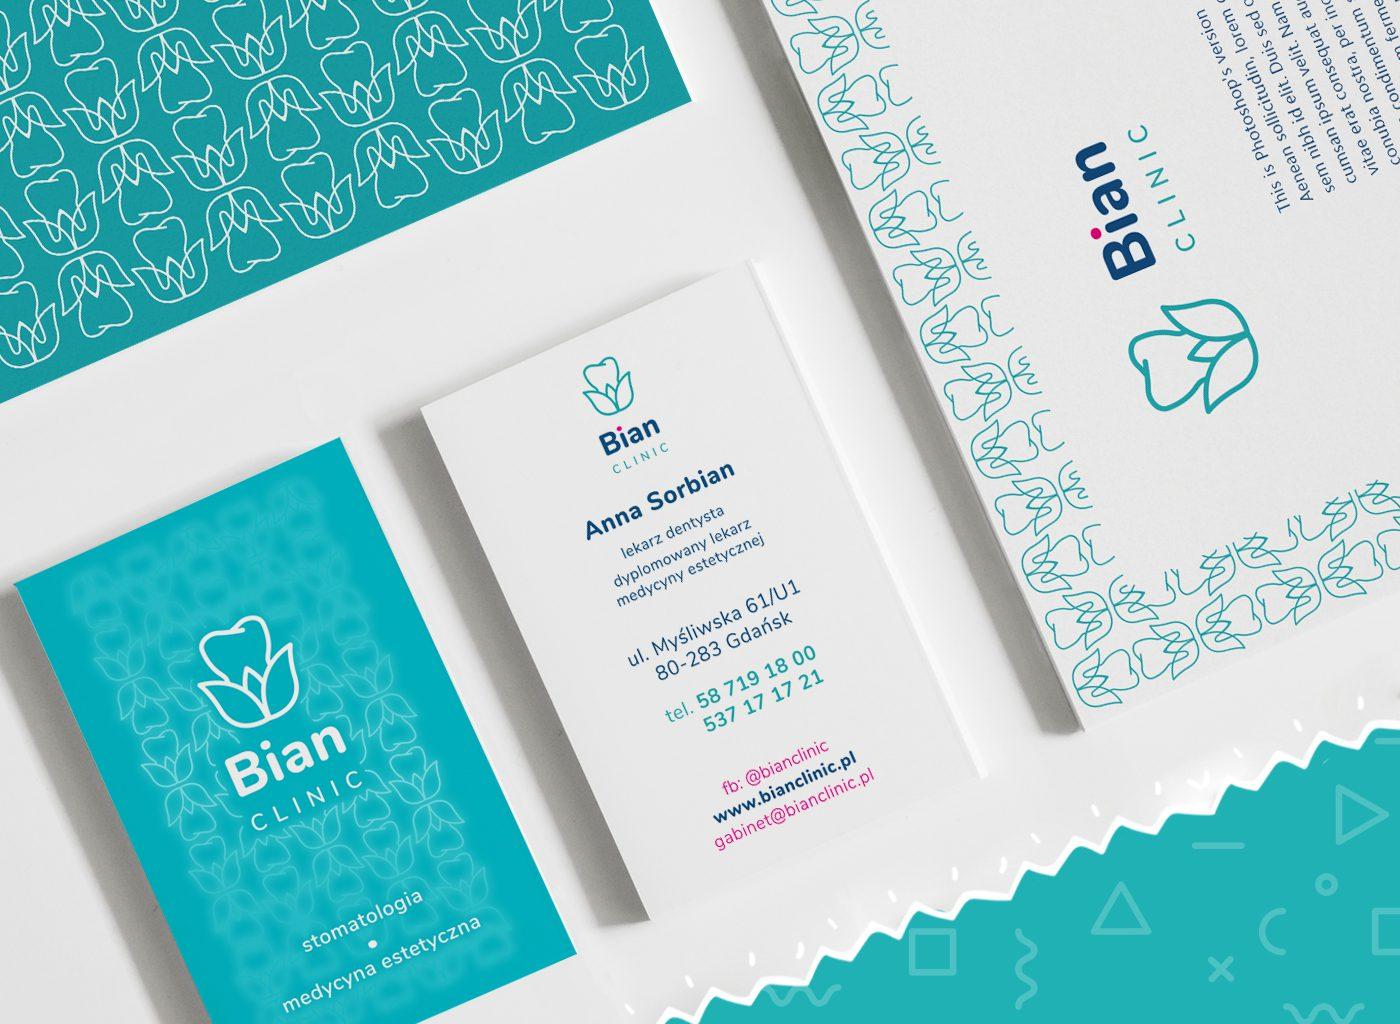 Bian Clinic 1